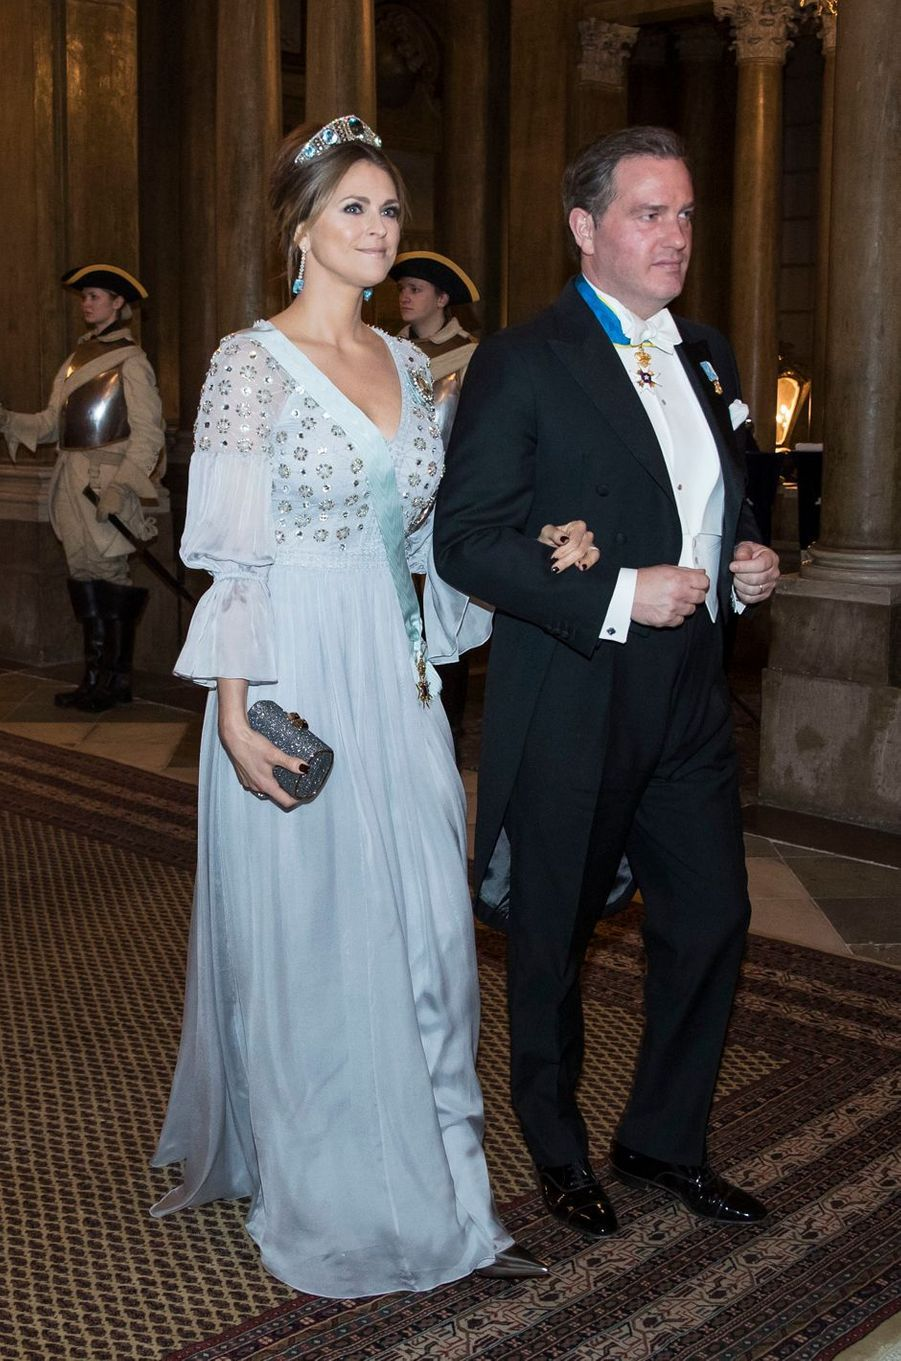 La princesse Madeleine de Suède et Christopher O'Neill à Stockholm, le 20 février 2017